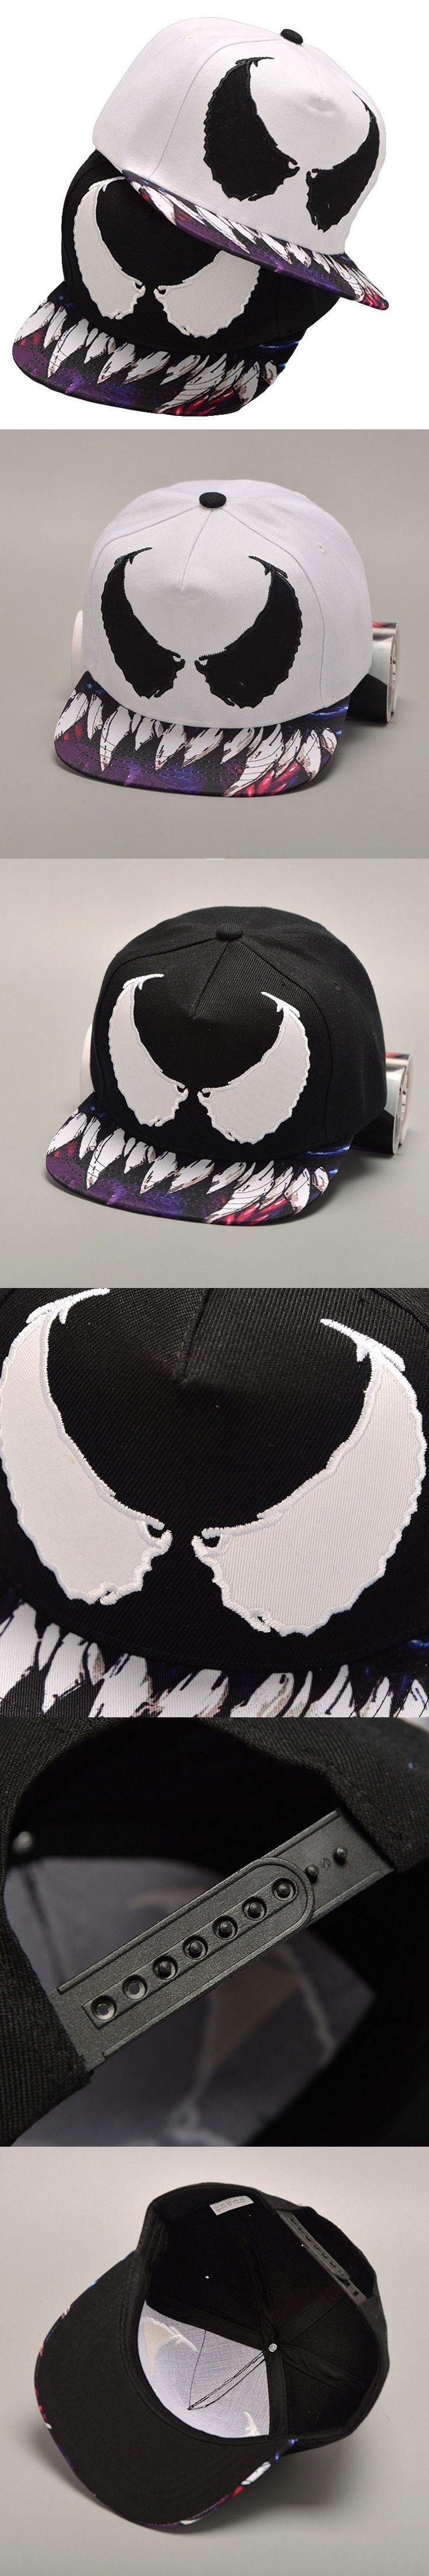 Cool Eyebrow Design Unisex Baseball Caps For Women…